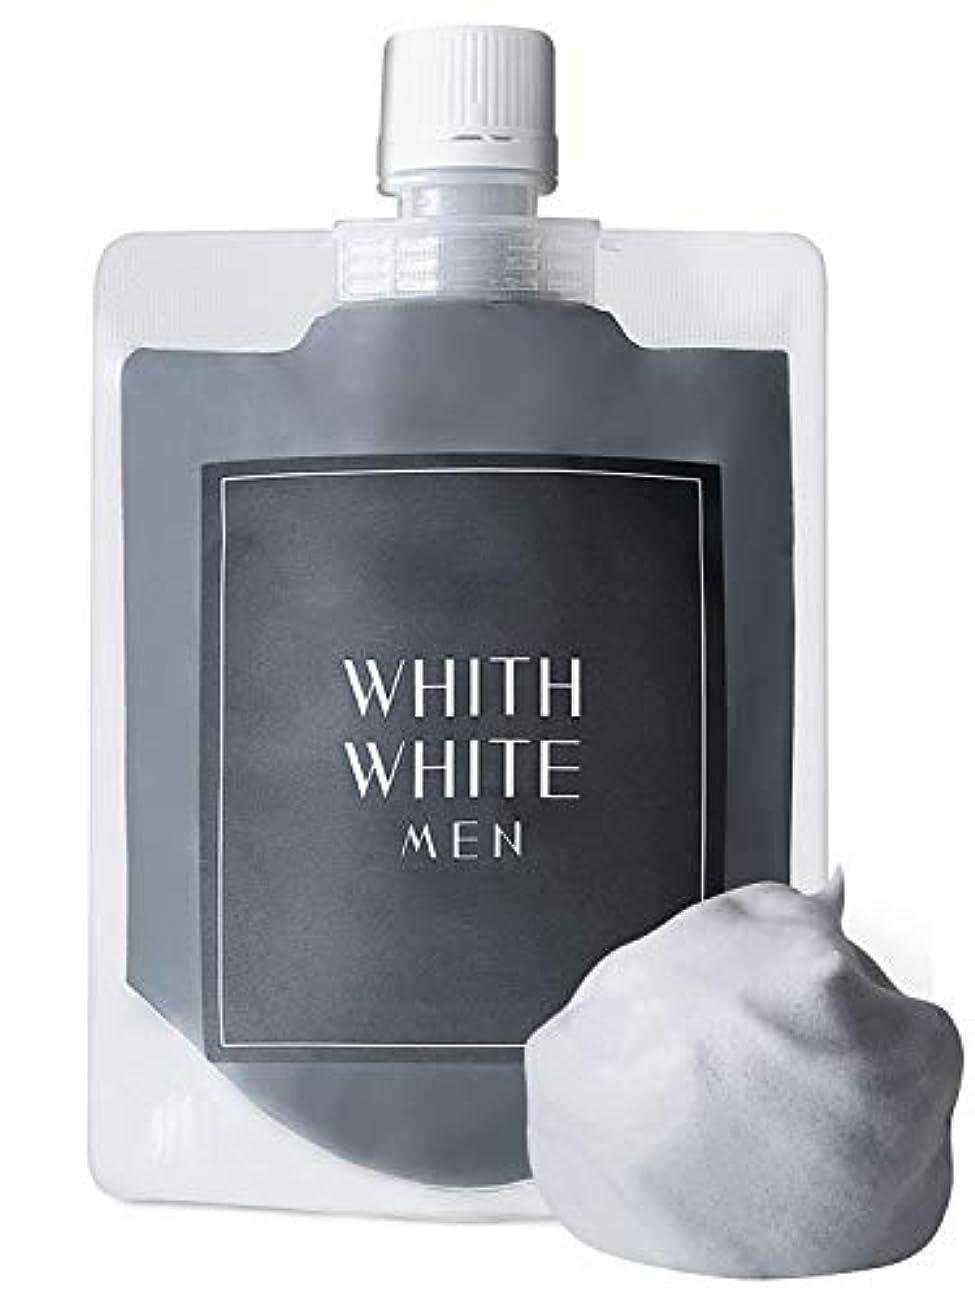 別のつかまえる骨の折れるフィス ホワイト メンズ 泥 洗顔 ネット 付き 8つの 無添加 洗顔フォーム (炭 泡 クレイ で 顔 汚れ を 落とす) (日本製 洗顔料 130g リッチ セット)(どろ で 毛穴 を ごっそり 除去)